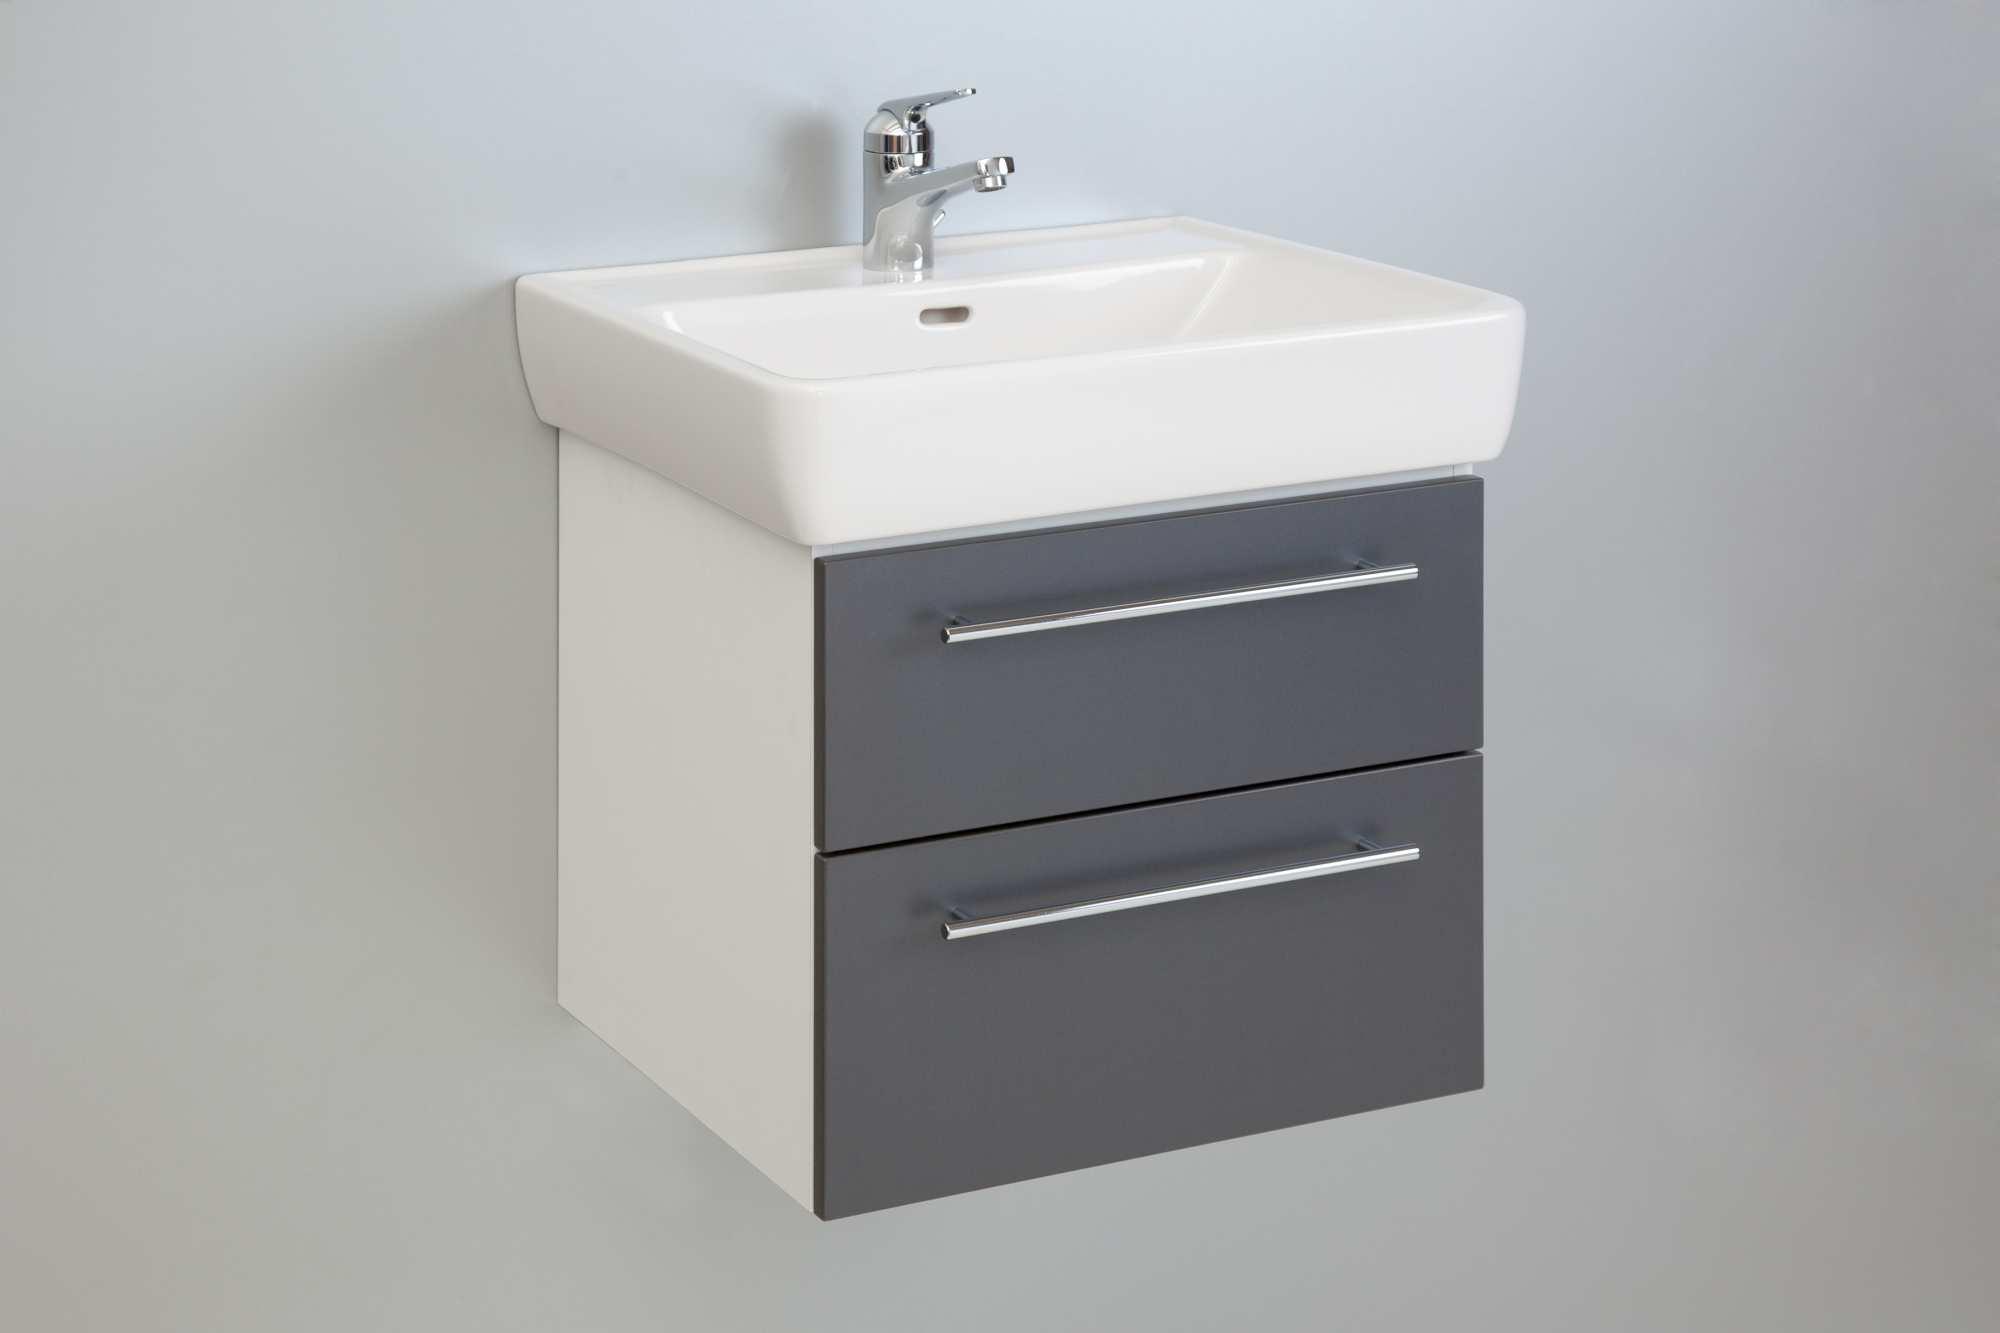 badm bel von froidevaux f r keramikwaschtische pro doppio. Black Bedroom Furniture Sets. Home Design Ideas